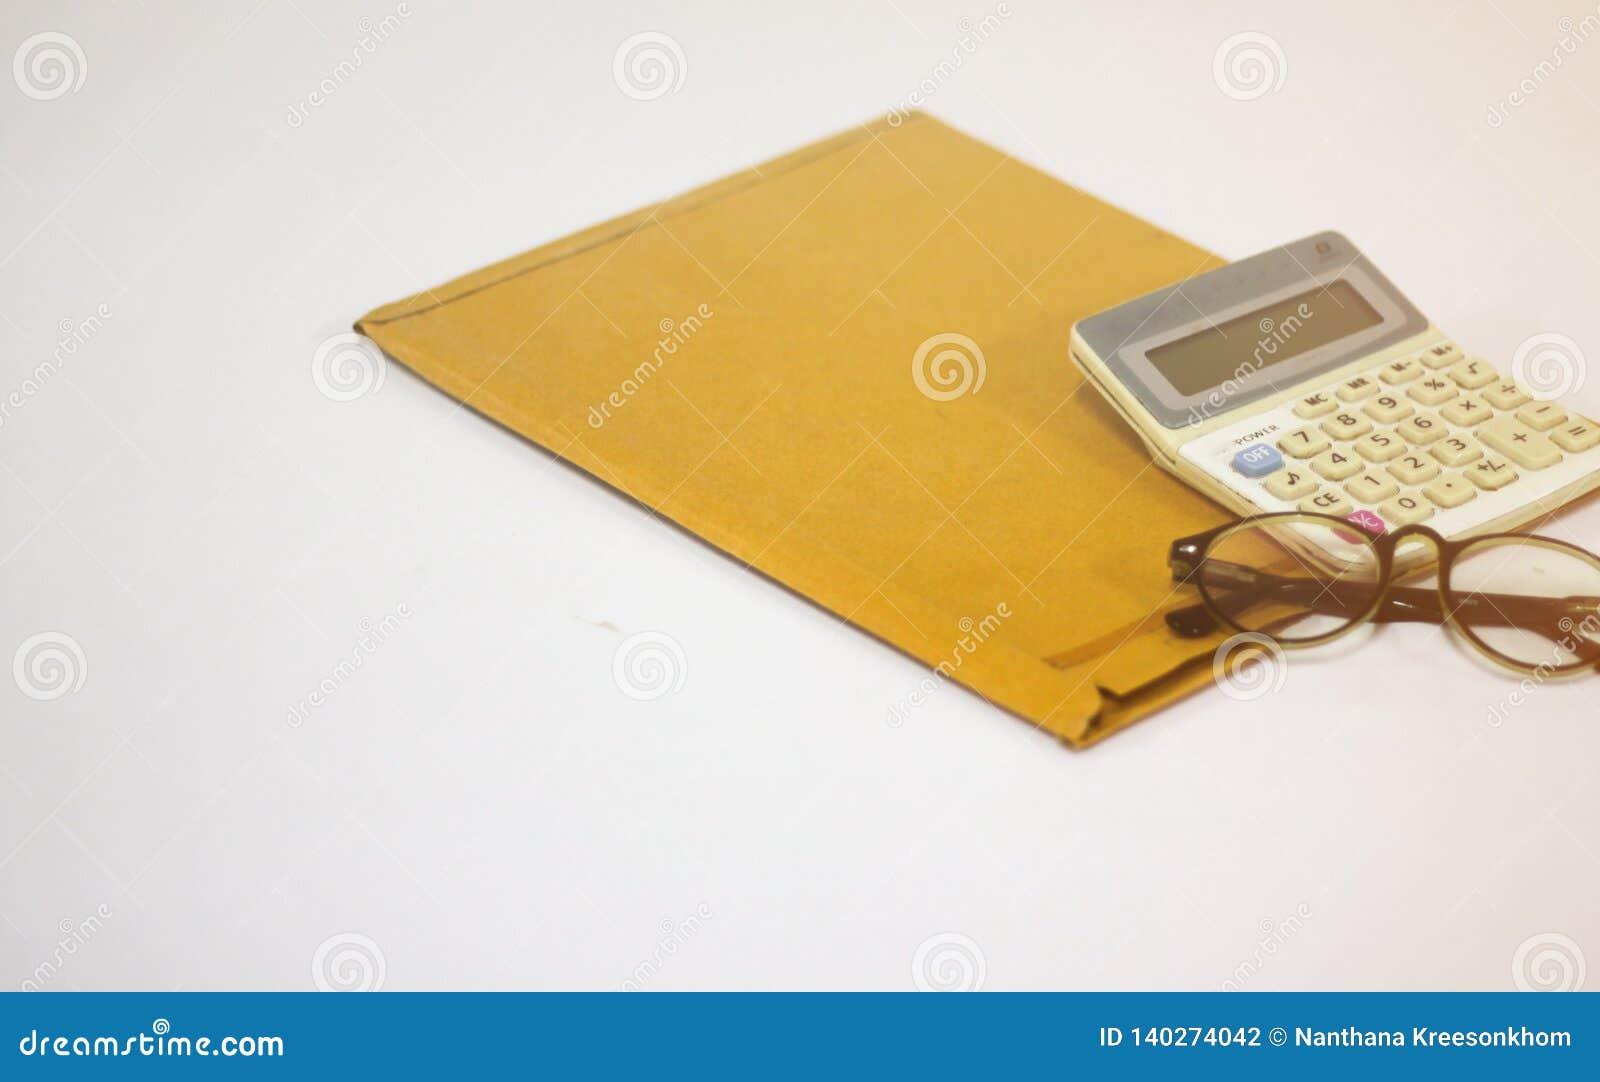 Γραφείο εργασίας στο σπίτι ή την επιχείρηση